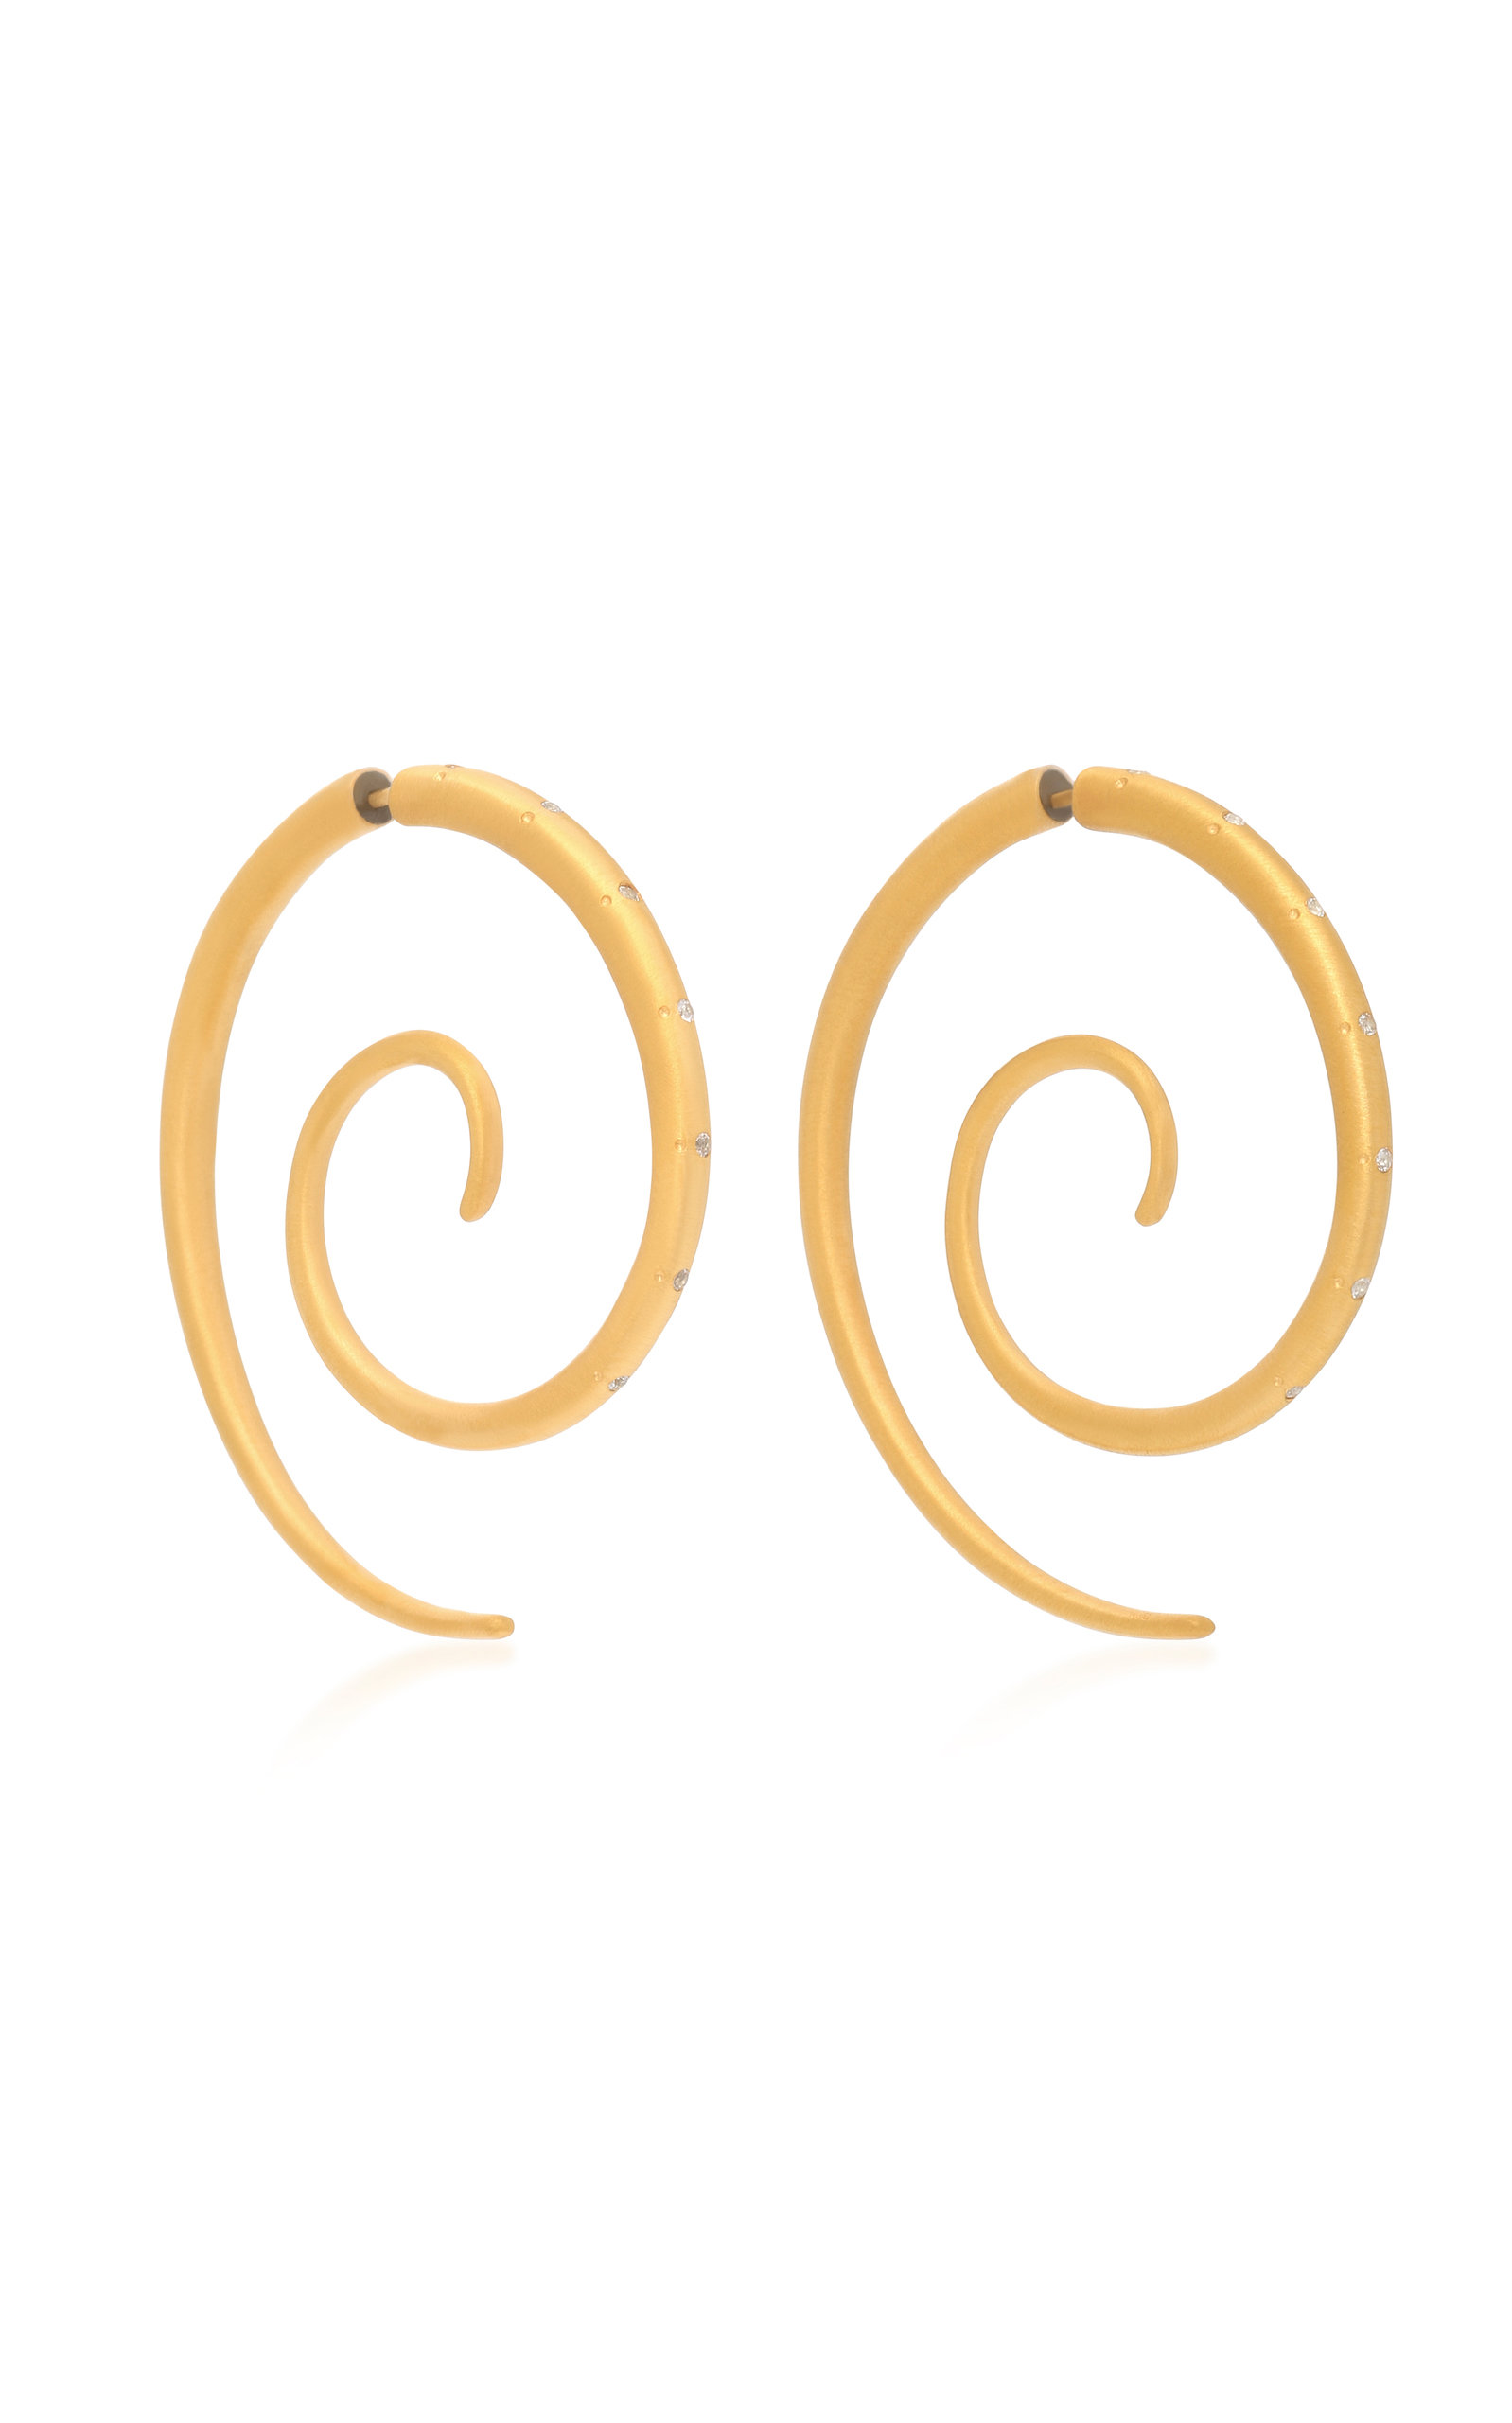 Spiral Gold Vermeil Sapphire Earrings Marianna Goulandris 4gKlz5TENZ